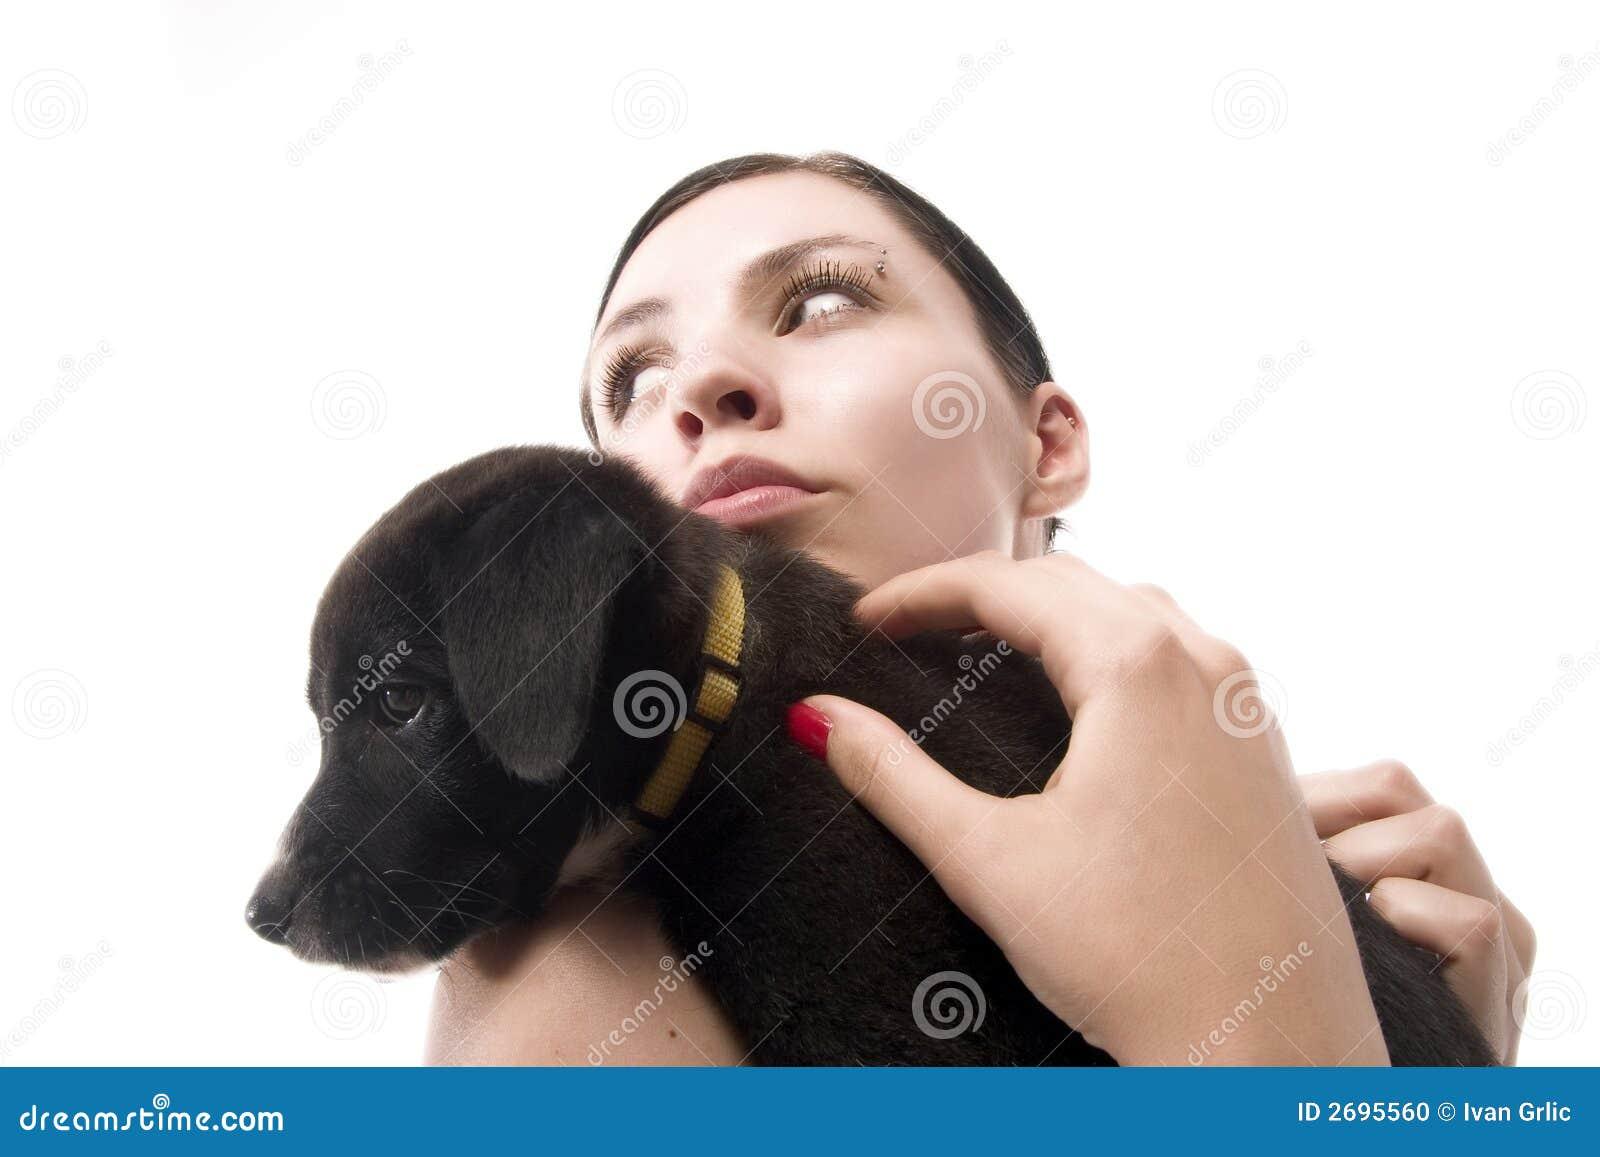 Girl with dog 3